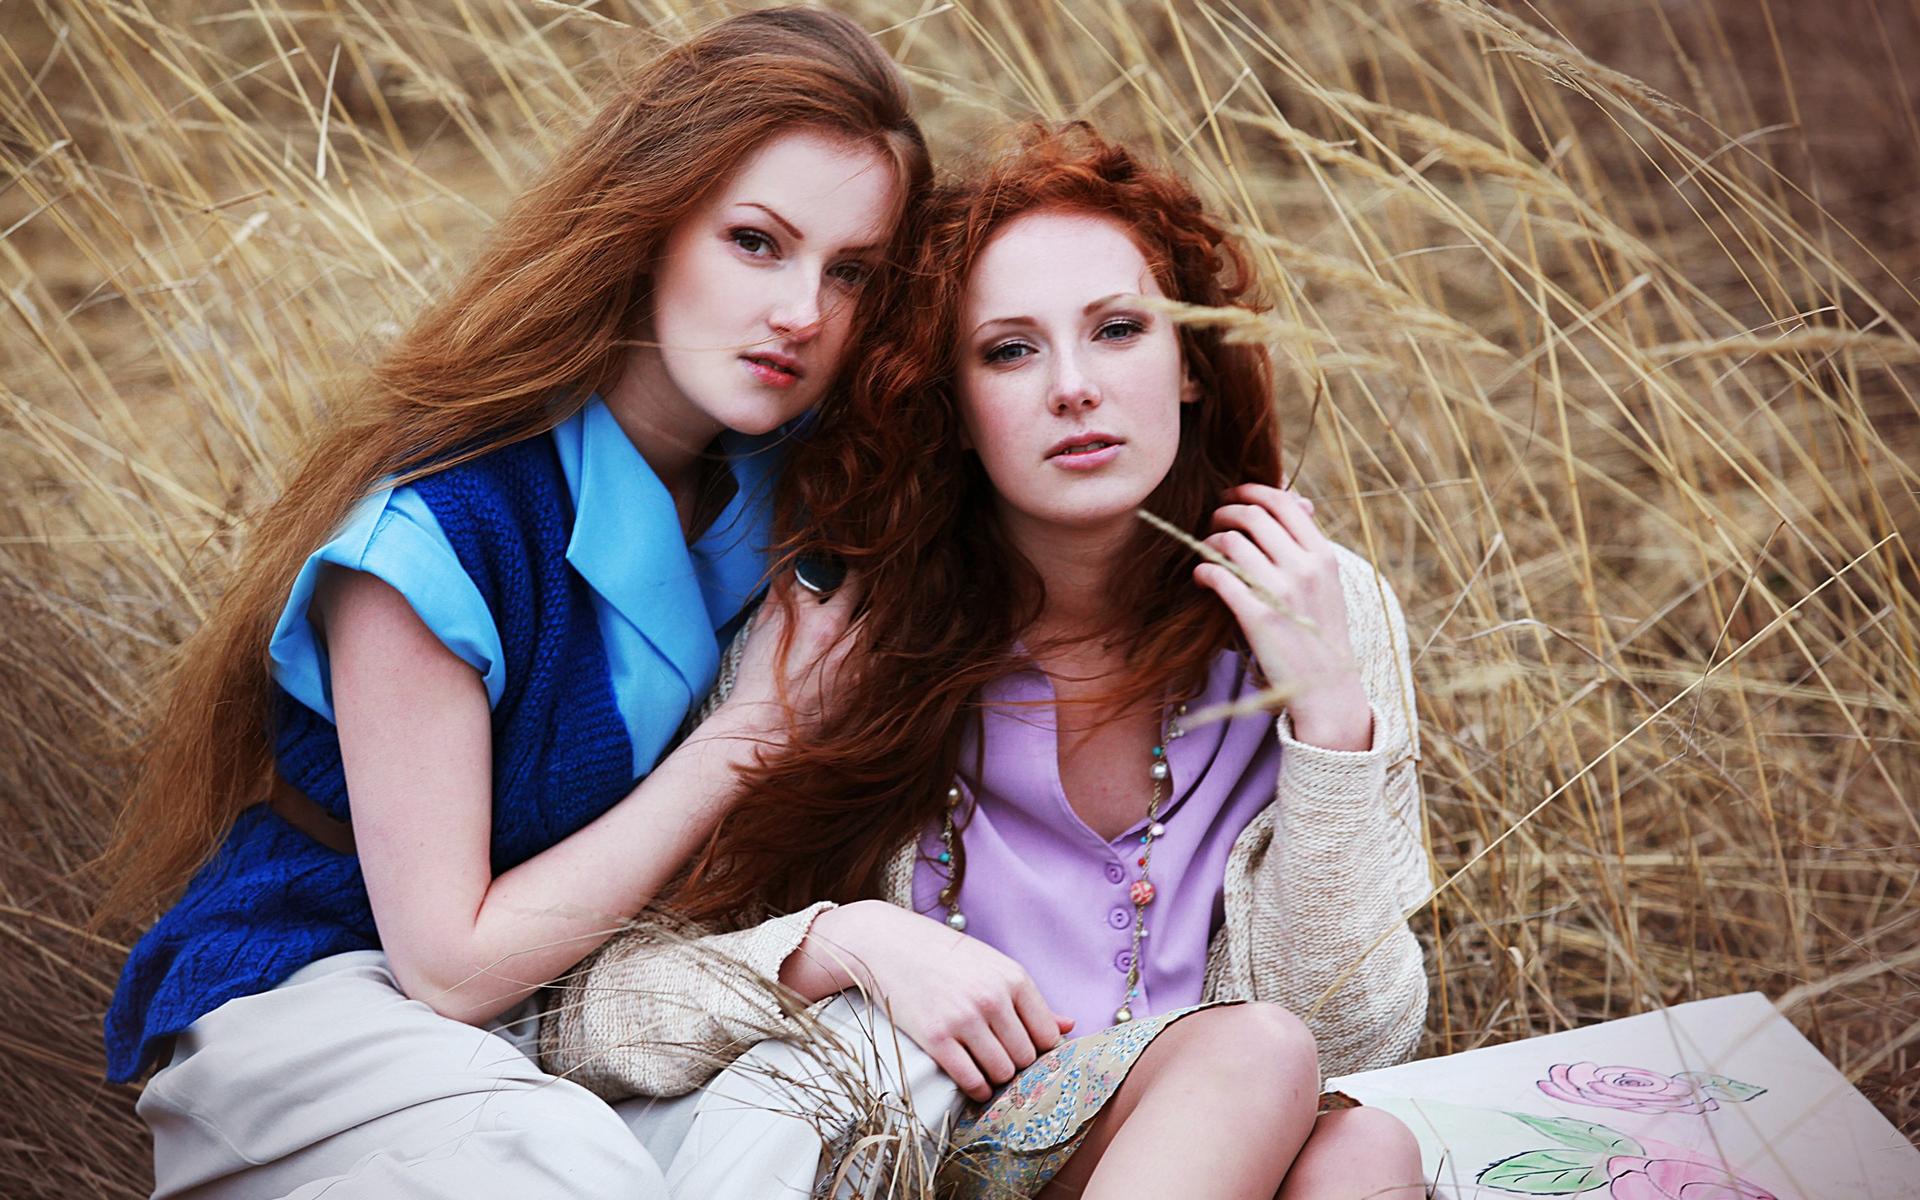 Картинка рыжая и блондинка